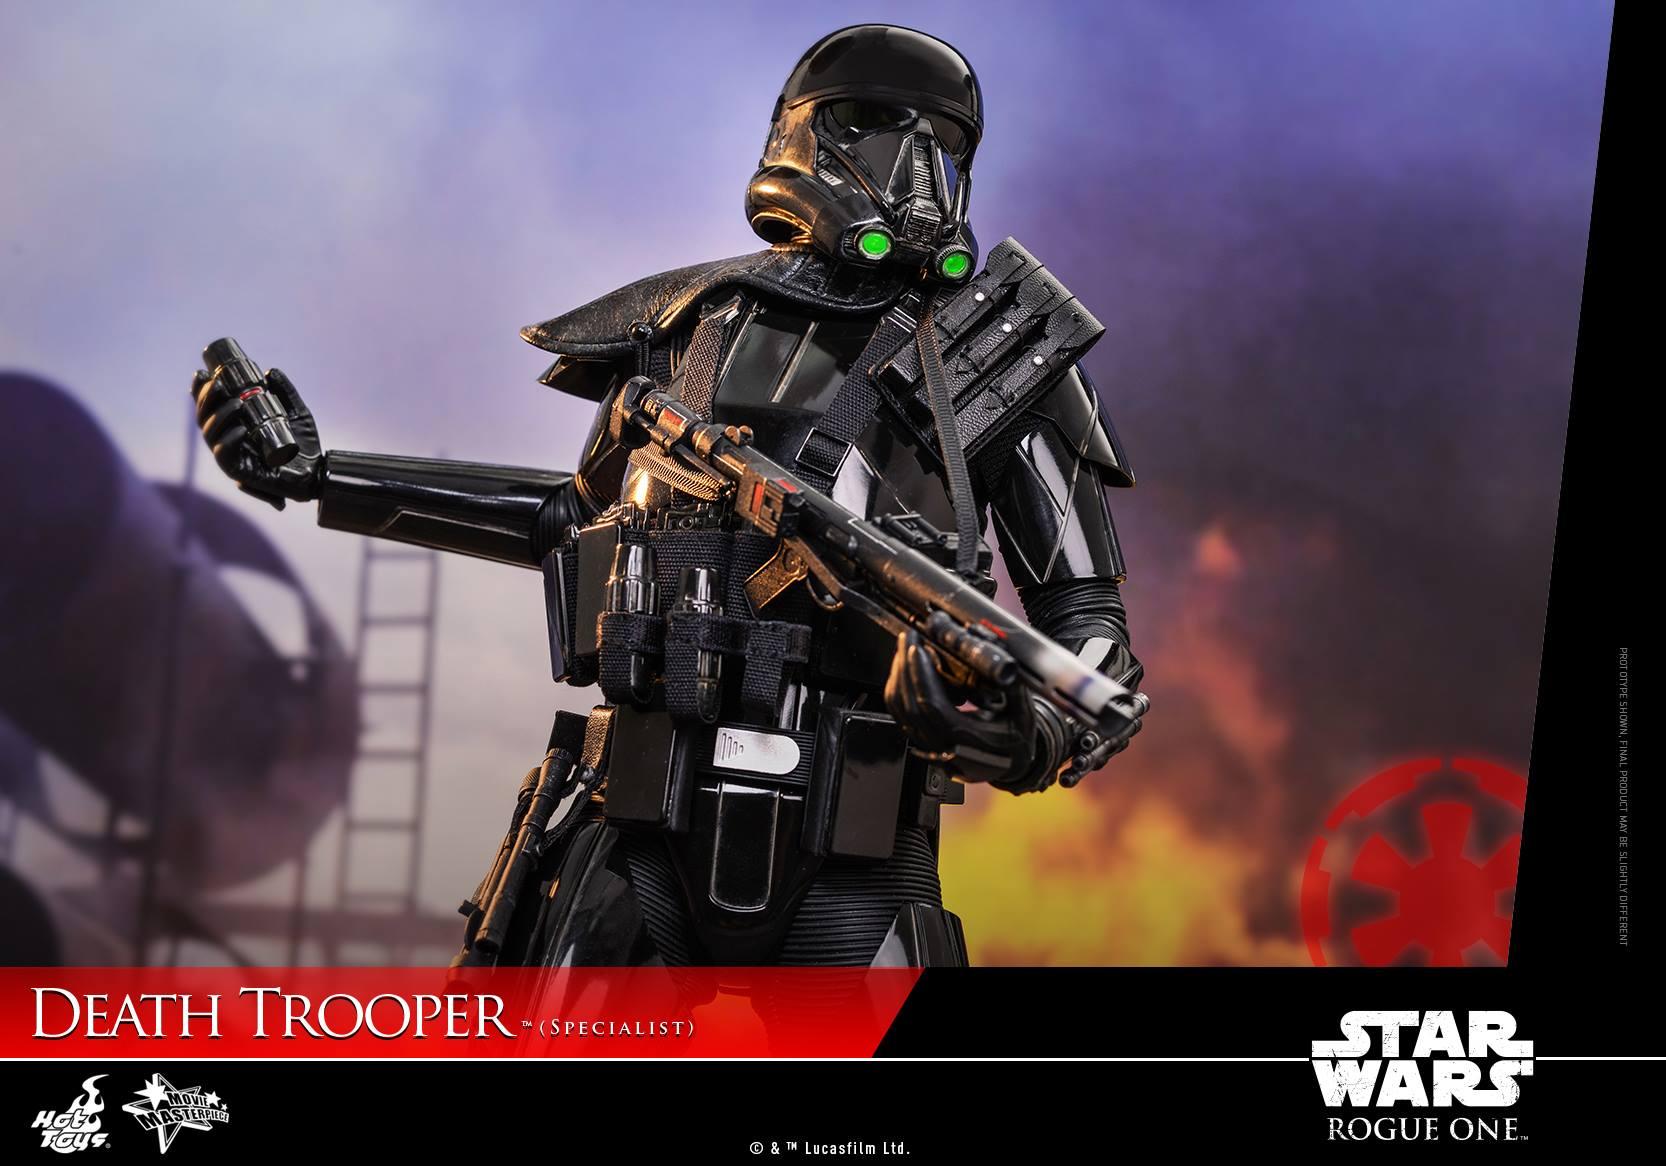 Hot Toys Death Trooper Specialist 1/6 Scale Figur veröffentlicht